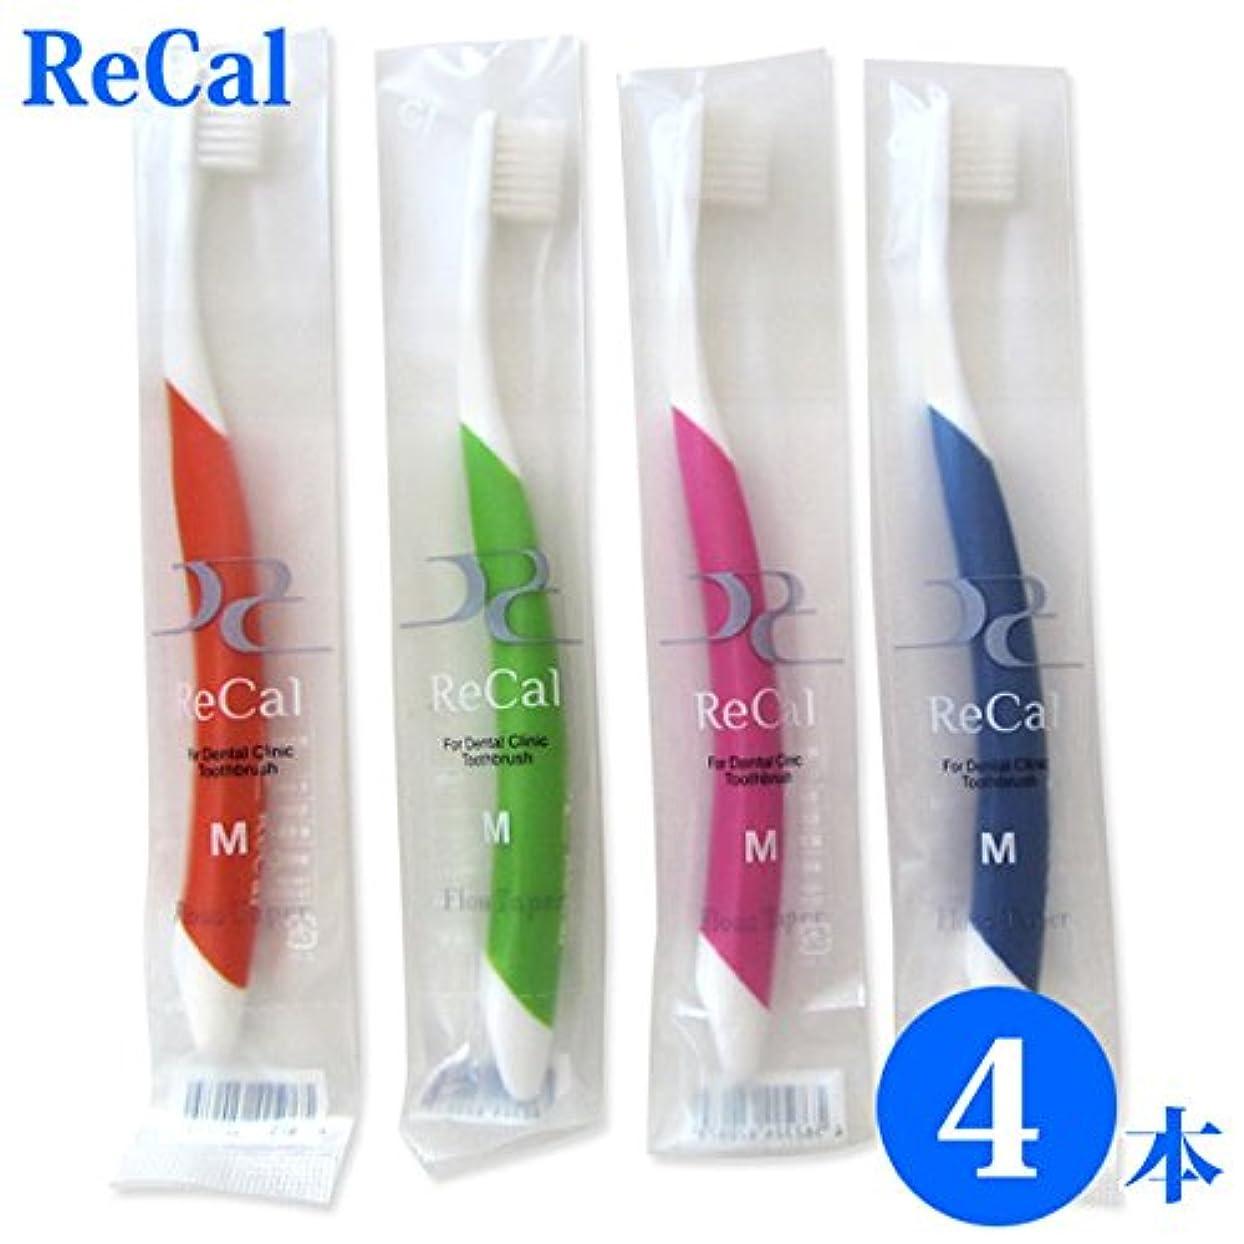 ミンチあなたはケーキリカル 4色セット 歯科医院専用商品 ReCal リカル M 大人用 一般 歯ブラシ4本 場合20本ま